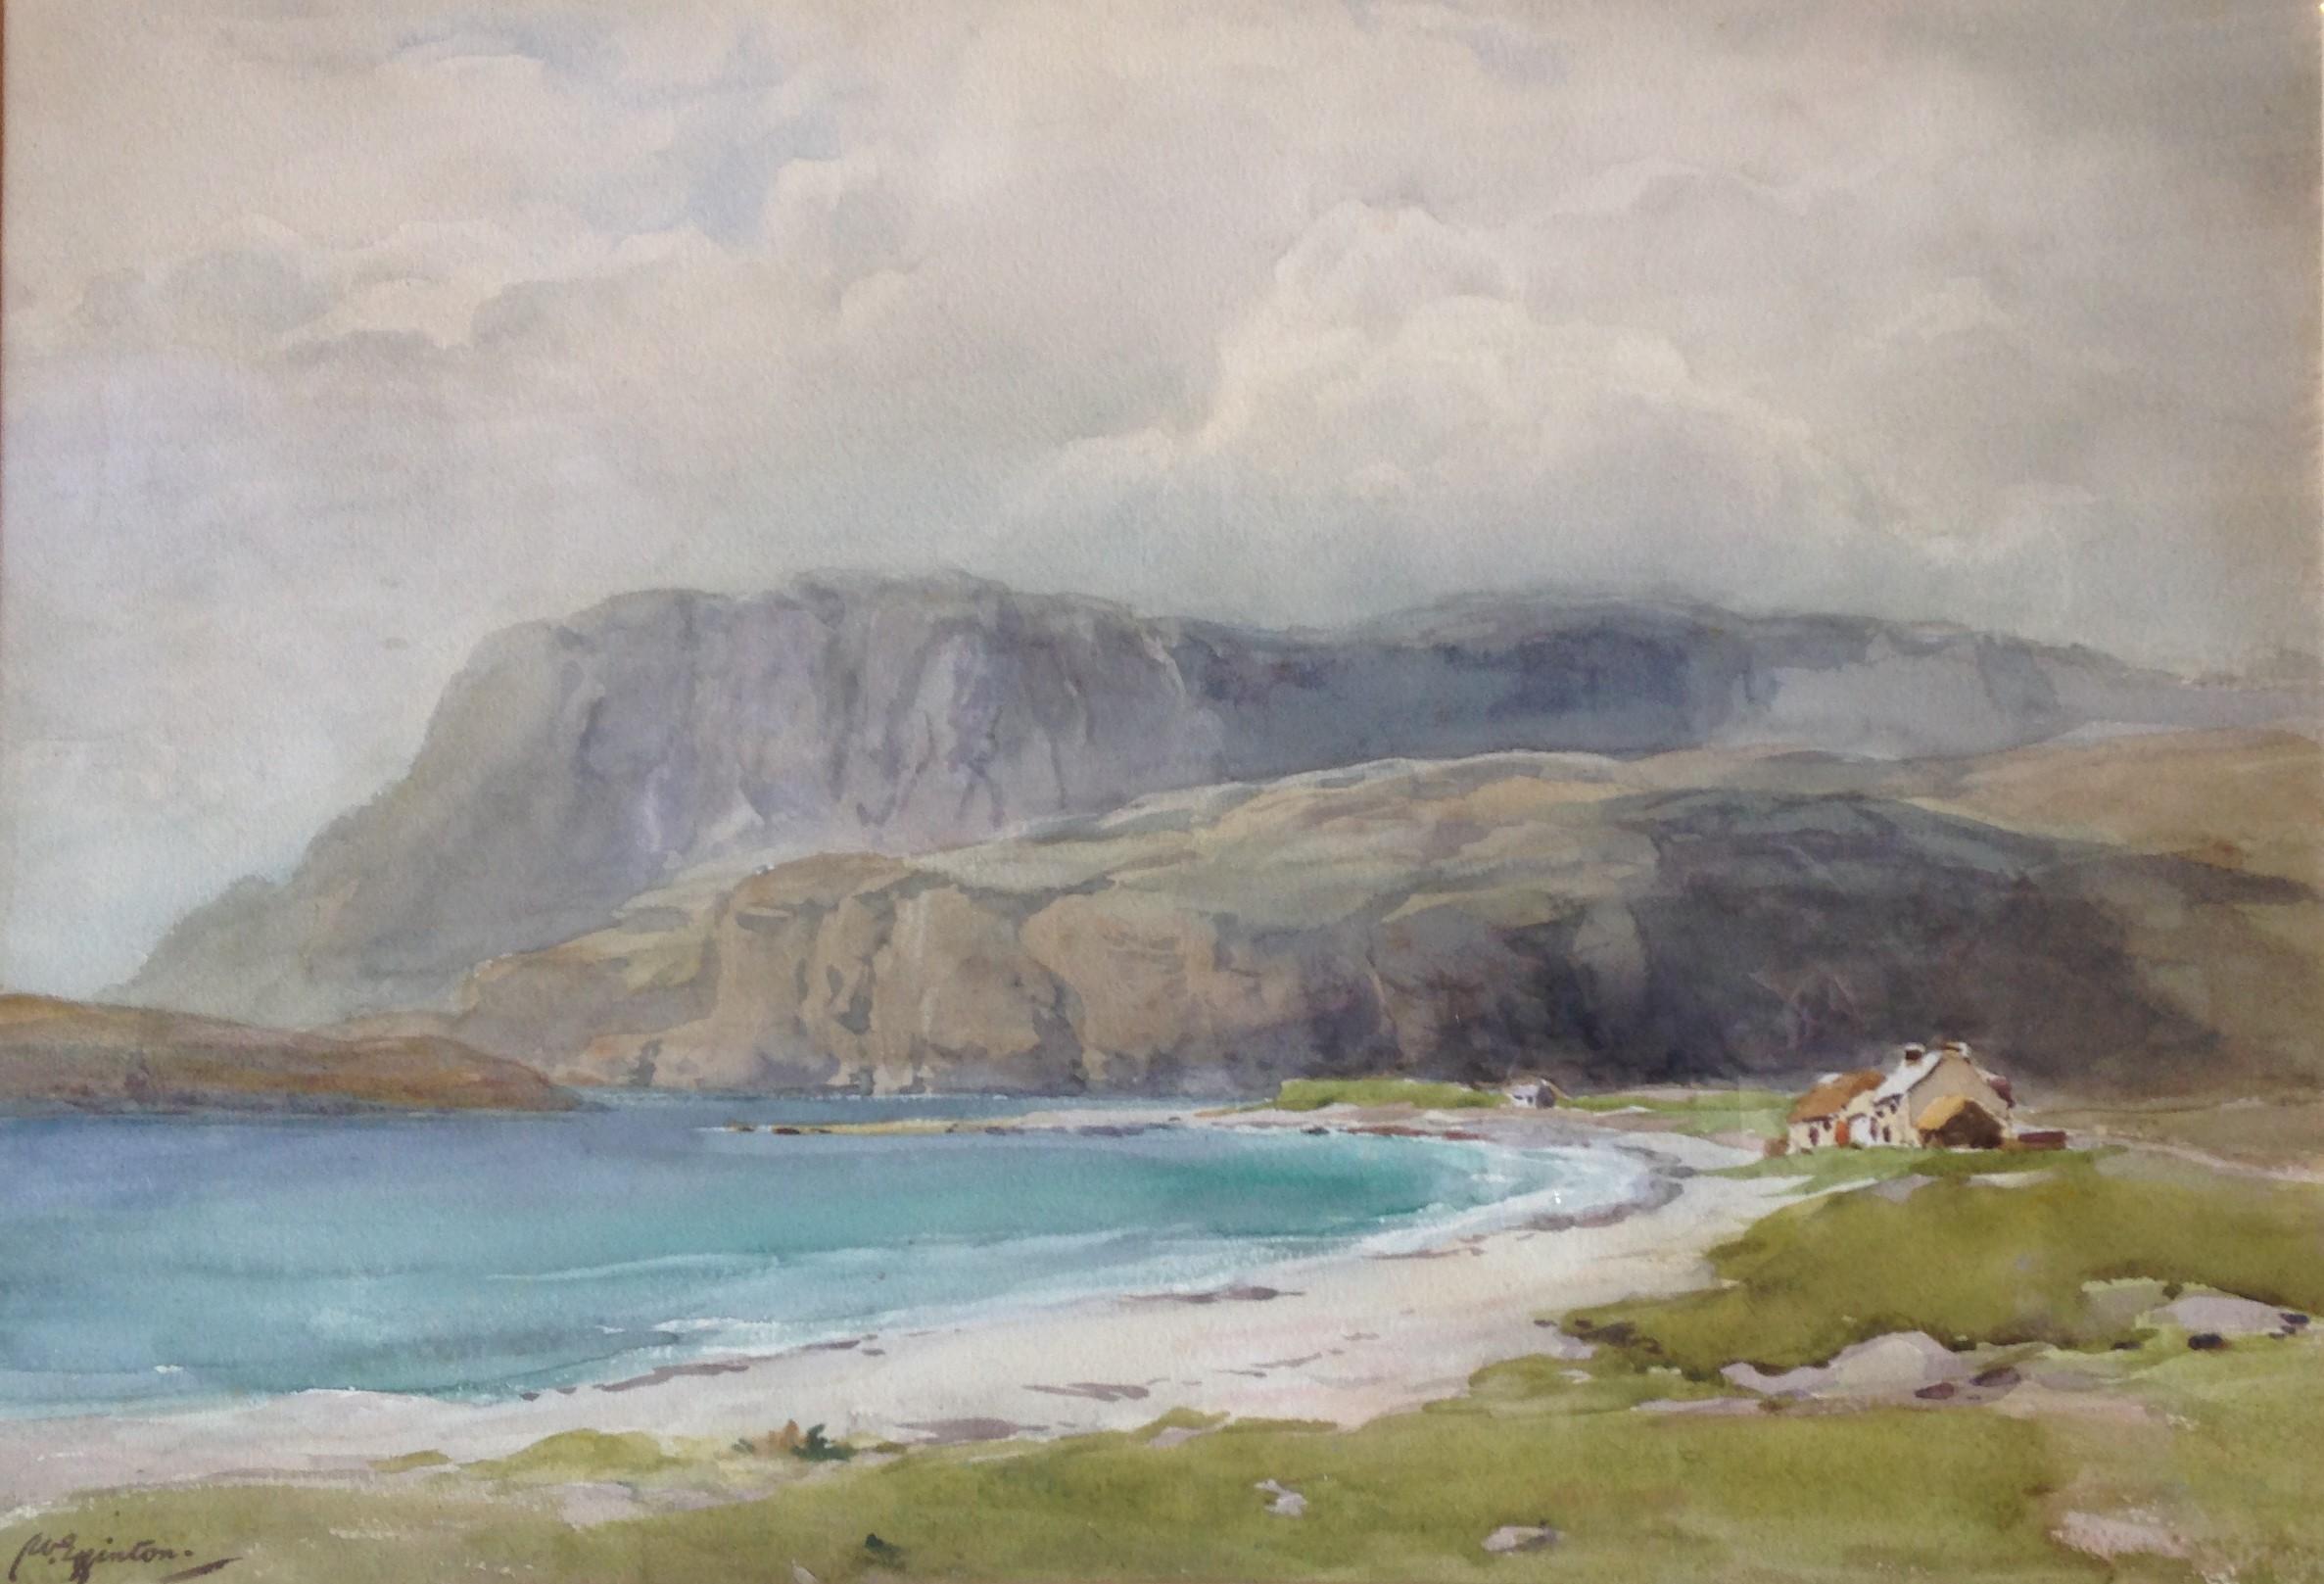 Wycliffe Egginton